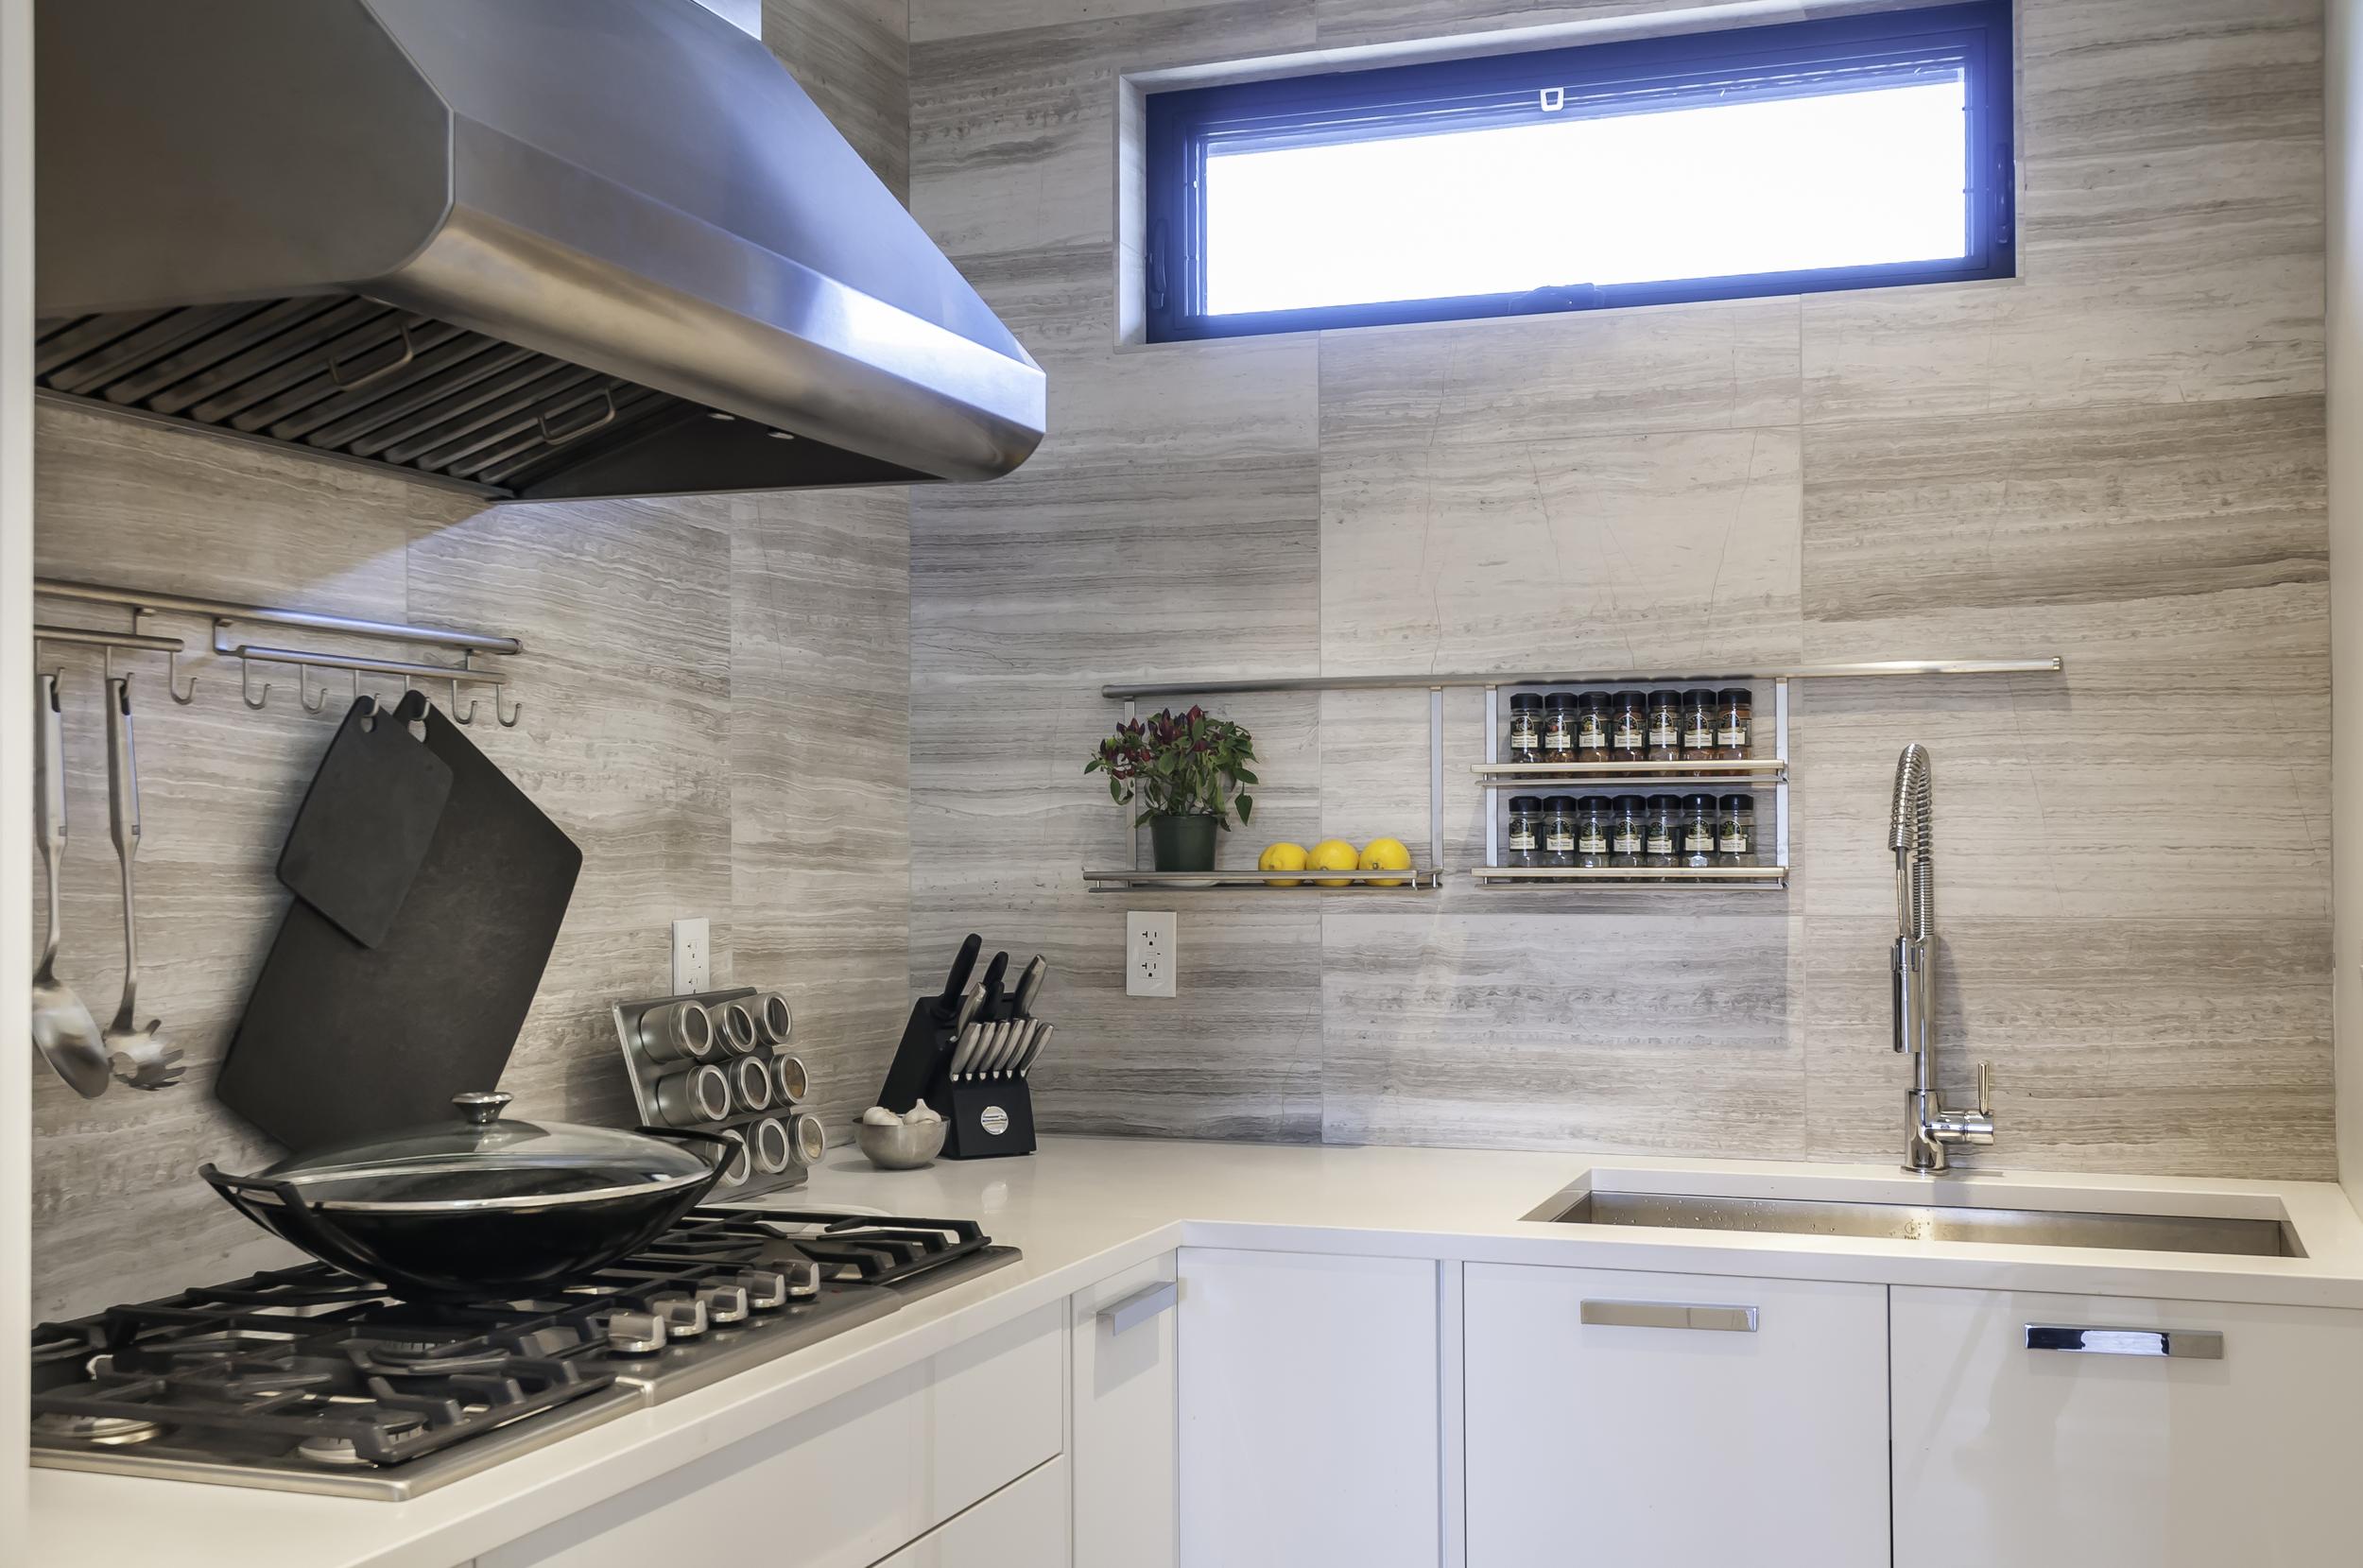 7 - Blaine_House_15_Wok_Kitchen.jpg